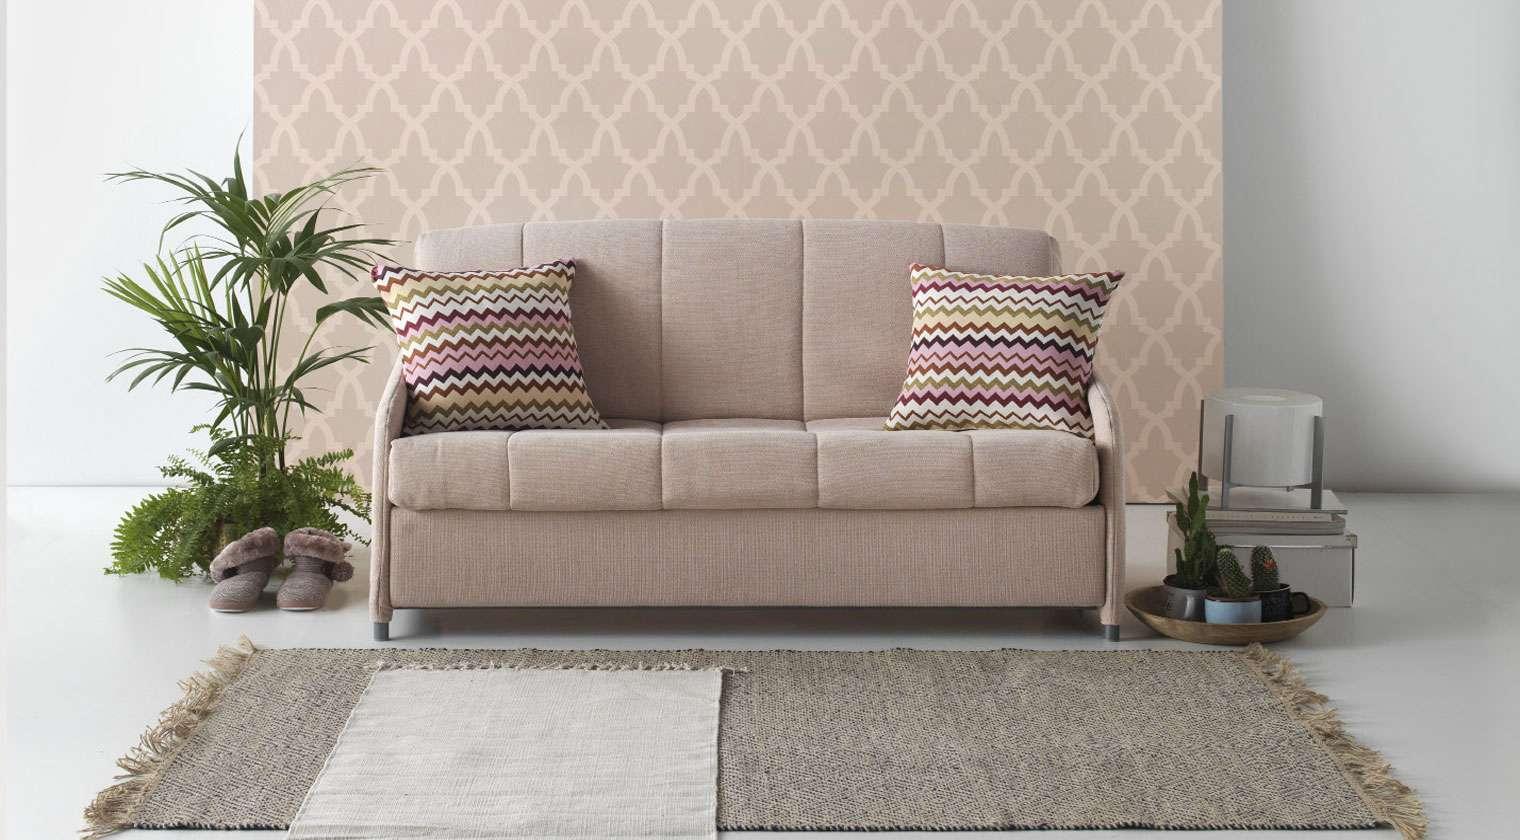 Comprar sof cama dijon 2 plazas cama de 135x190 cm aire for Sofas baratos asturias